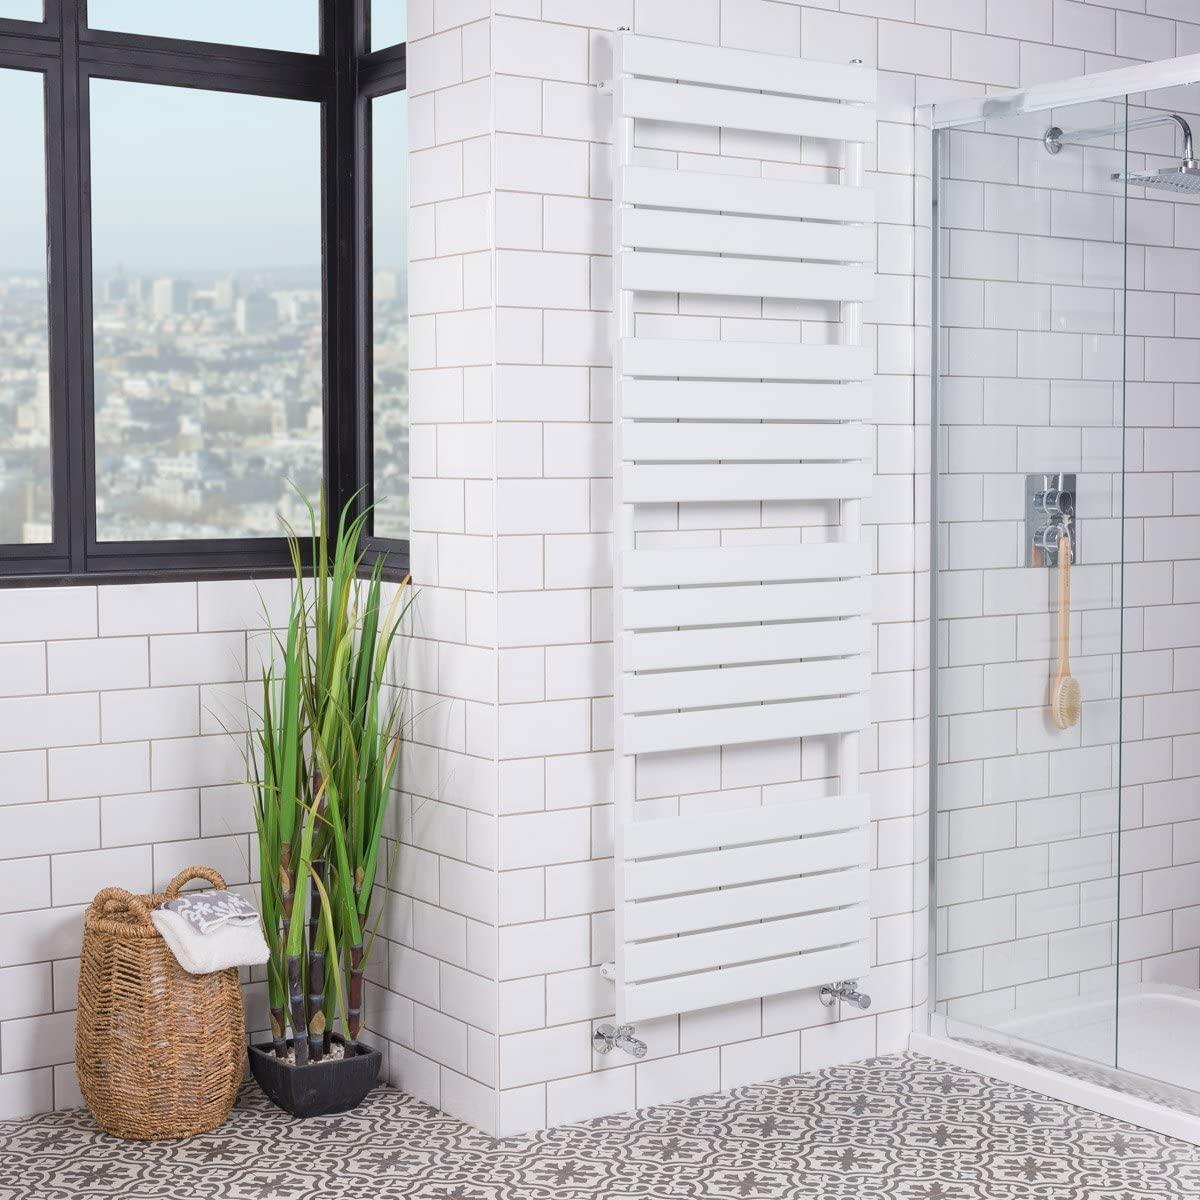 WarmeHaus Designer Minimalist Bathroom Flat Panel Heated Towel Rail Radiator Ladder